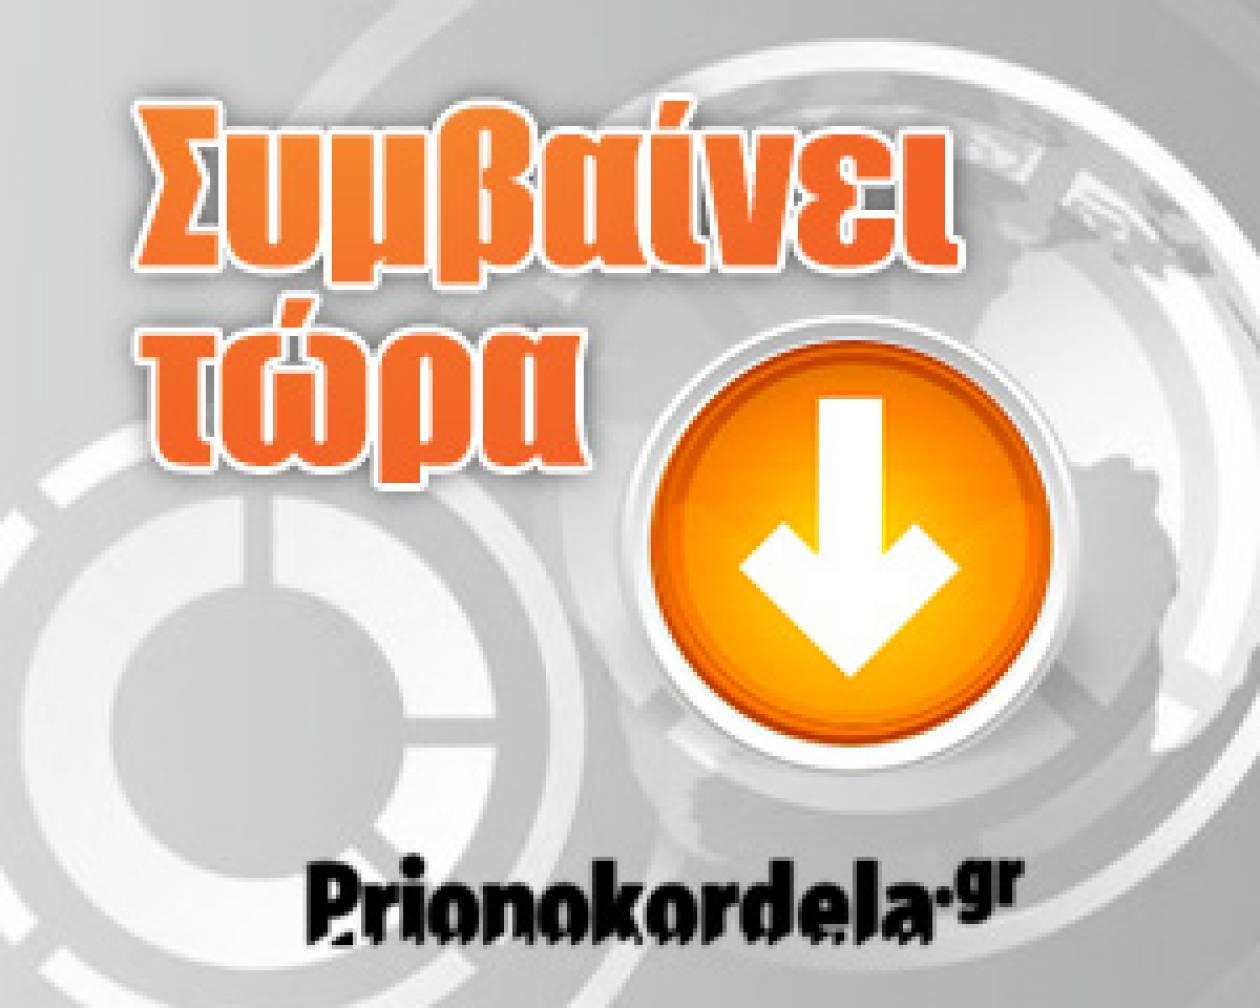 Τηλεφώνημα για βόμβα στο Εφετείο Αθηνών